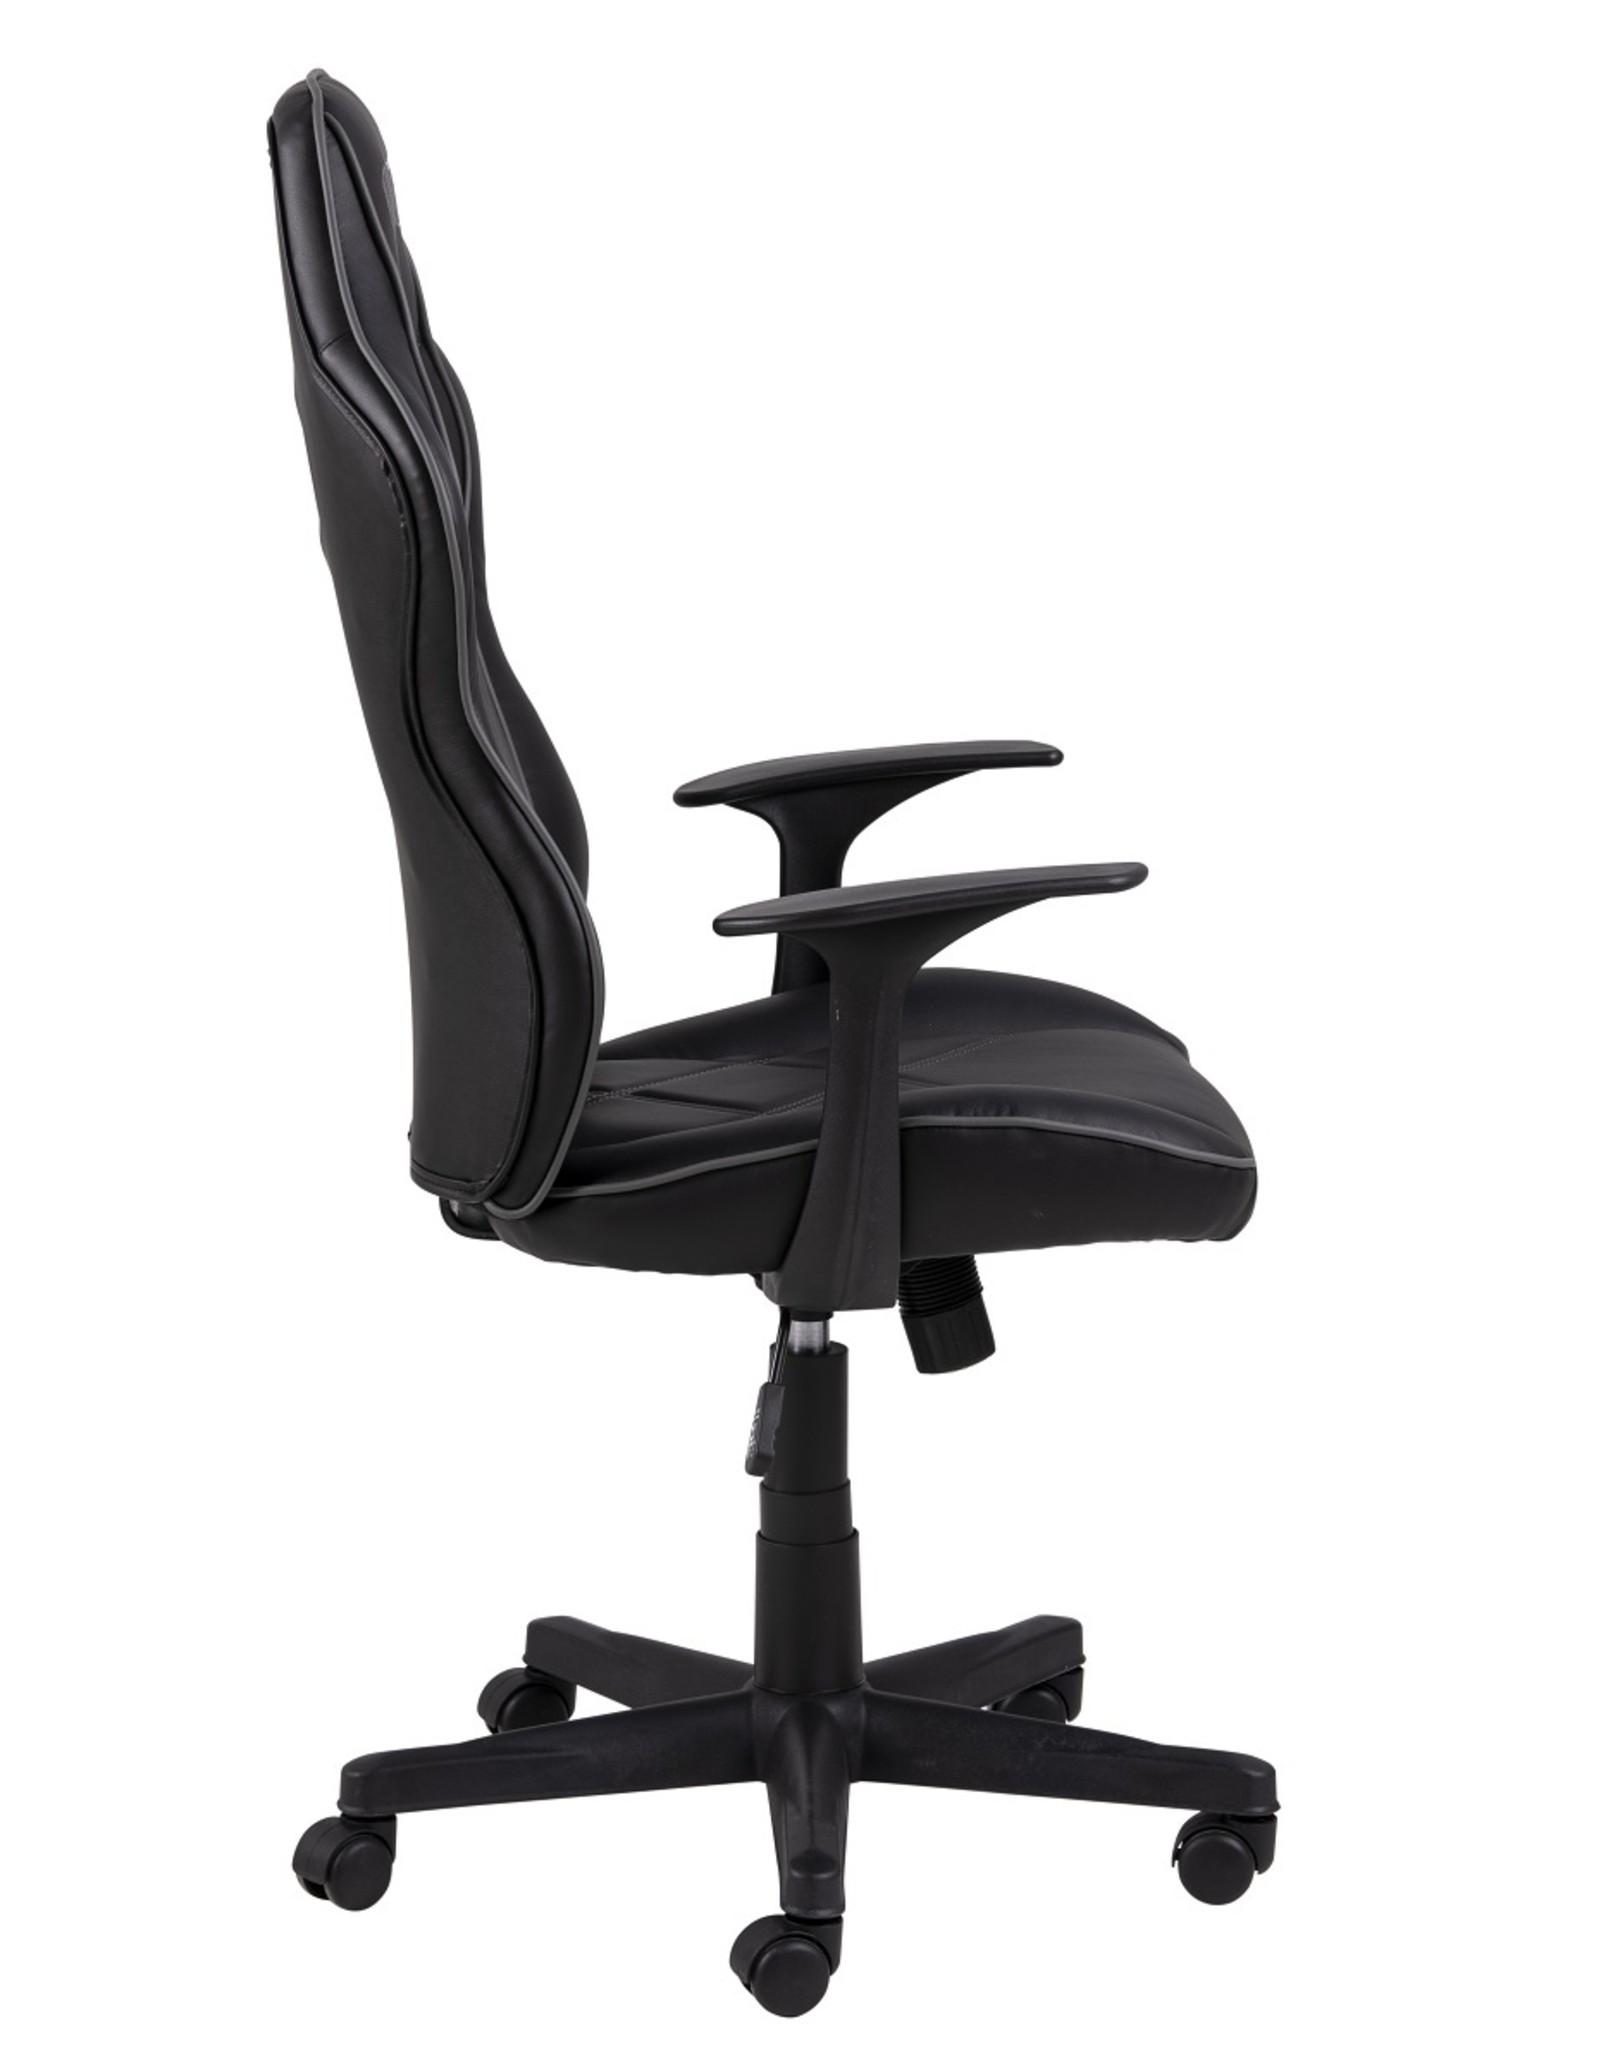 Parya Home Parya Home - Premium Gaming Stoel - Bureaustoel - Verstelbare Hoogte - Leer - Zwart & Grijs